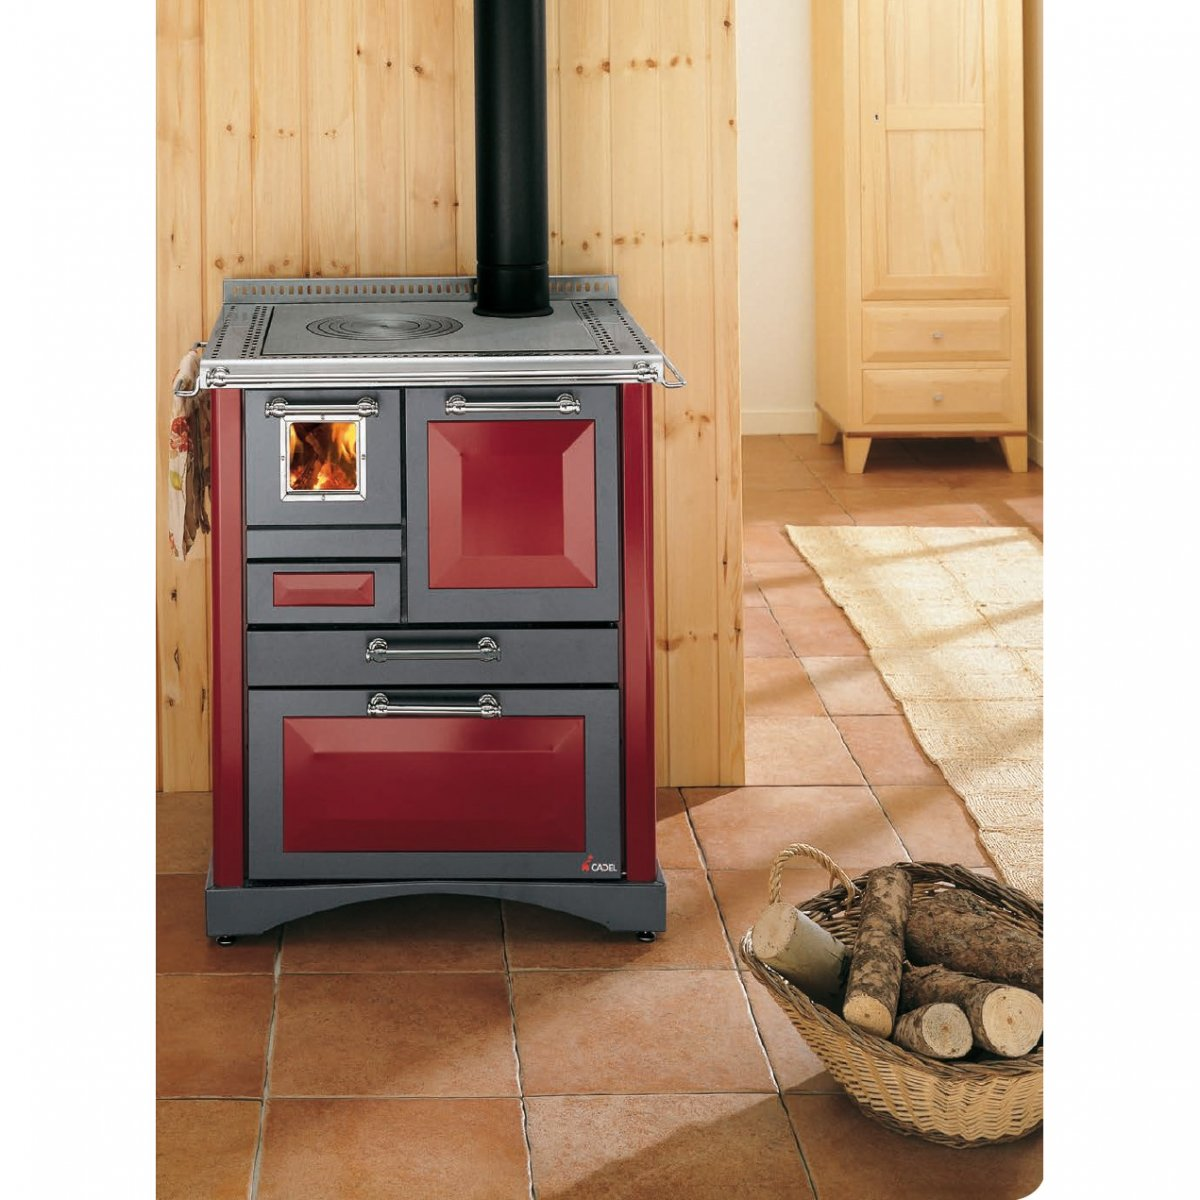 Cadel cucina a legna rubino cadel elettrodomestici - Cucine economiche a legna prezzi ...